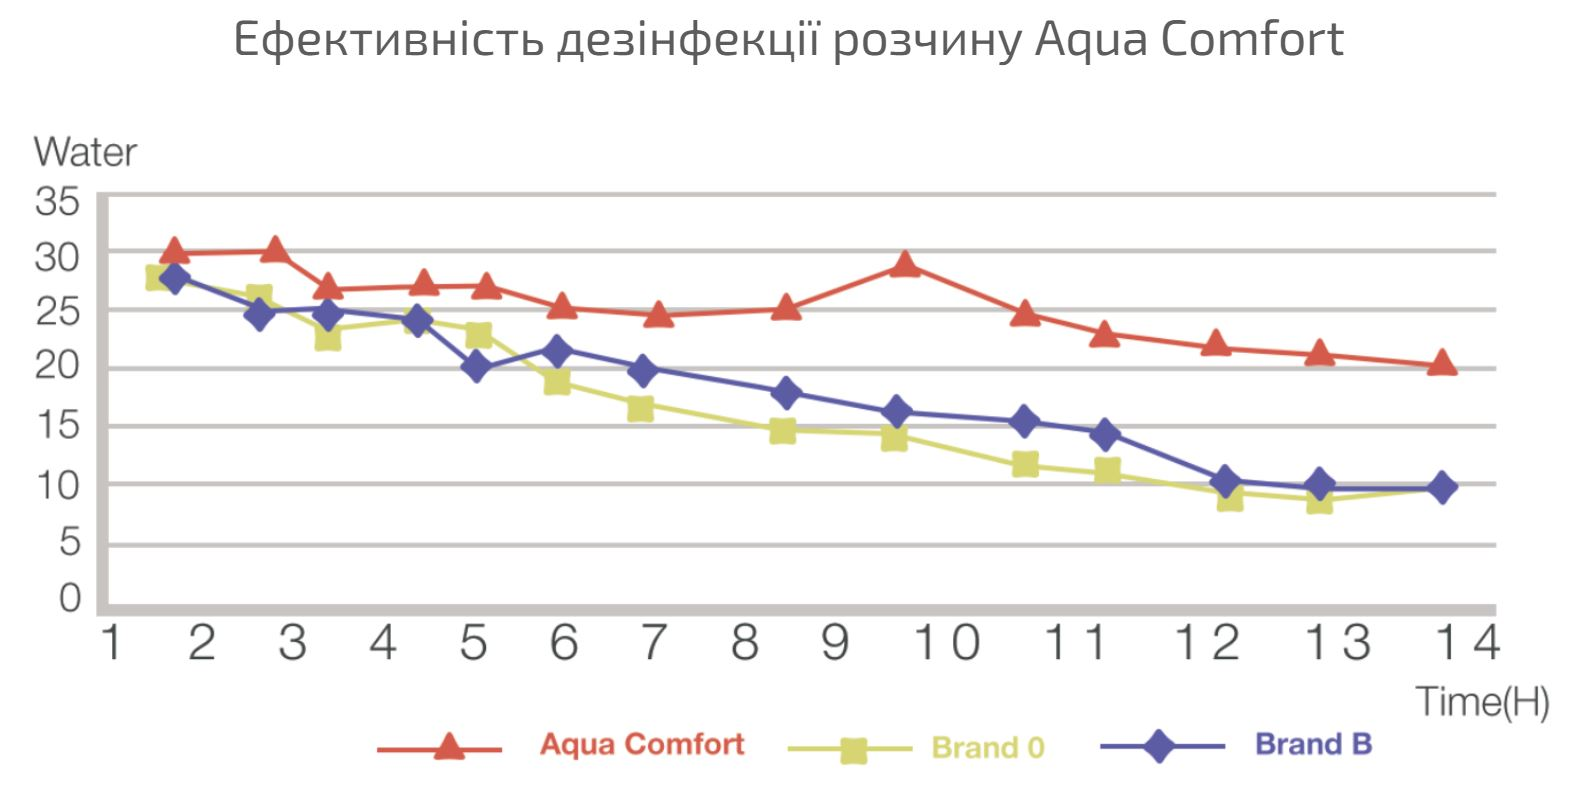 Купить Розчин для контактних лінз Aqua Comfort Comfort Line ᐉ Магазин лінз